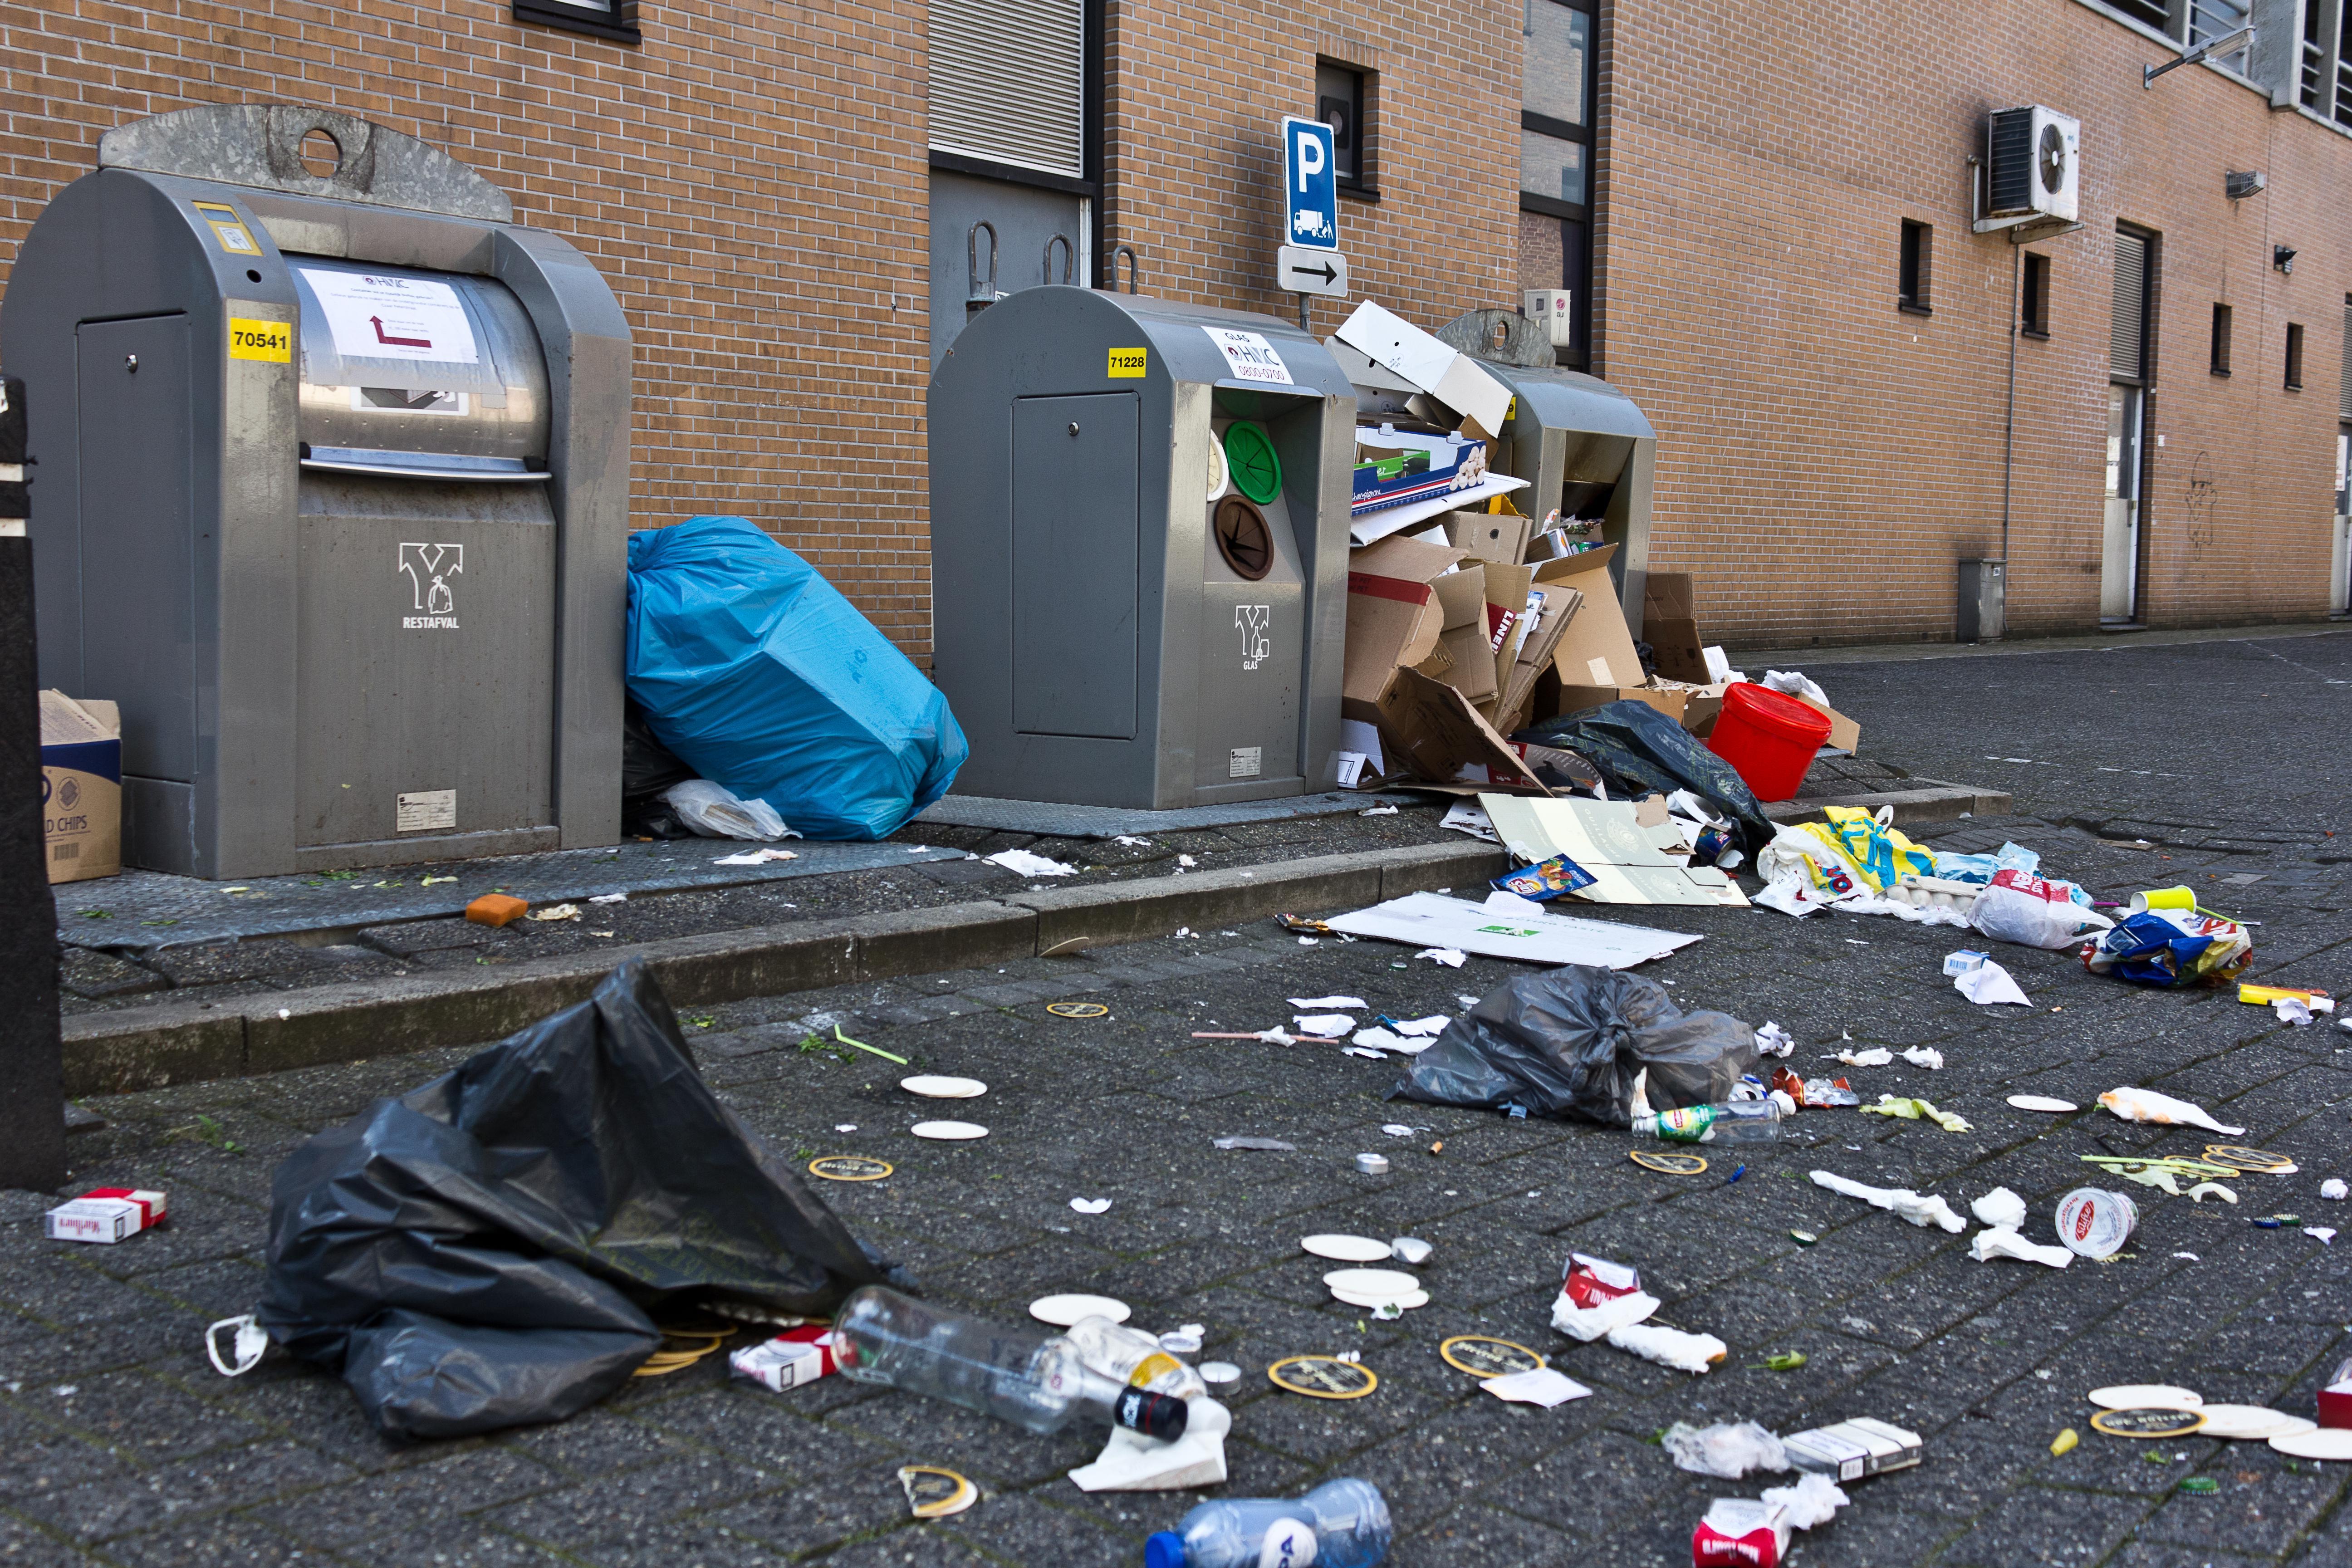 Twintig extra toezichthouders op straat om burgers op te sporen die afval achter laten in Haarlemmermeer